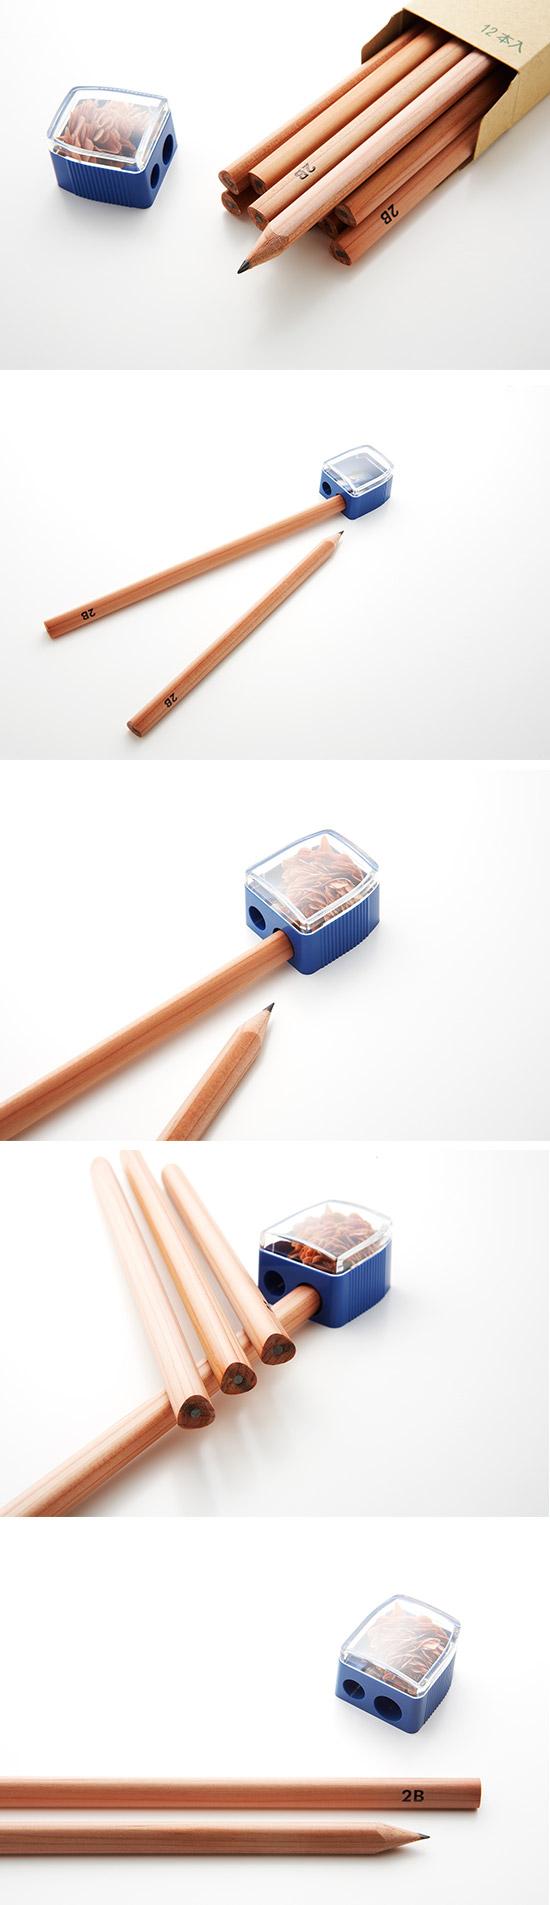 【可雷雕】北星大人鉛筆 大三角原木鉛筆 B